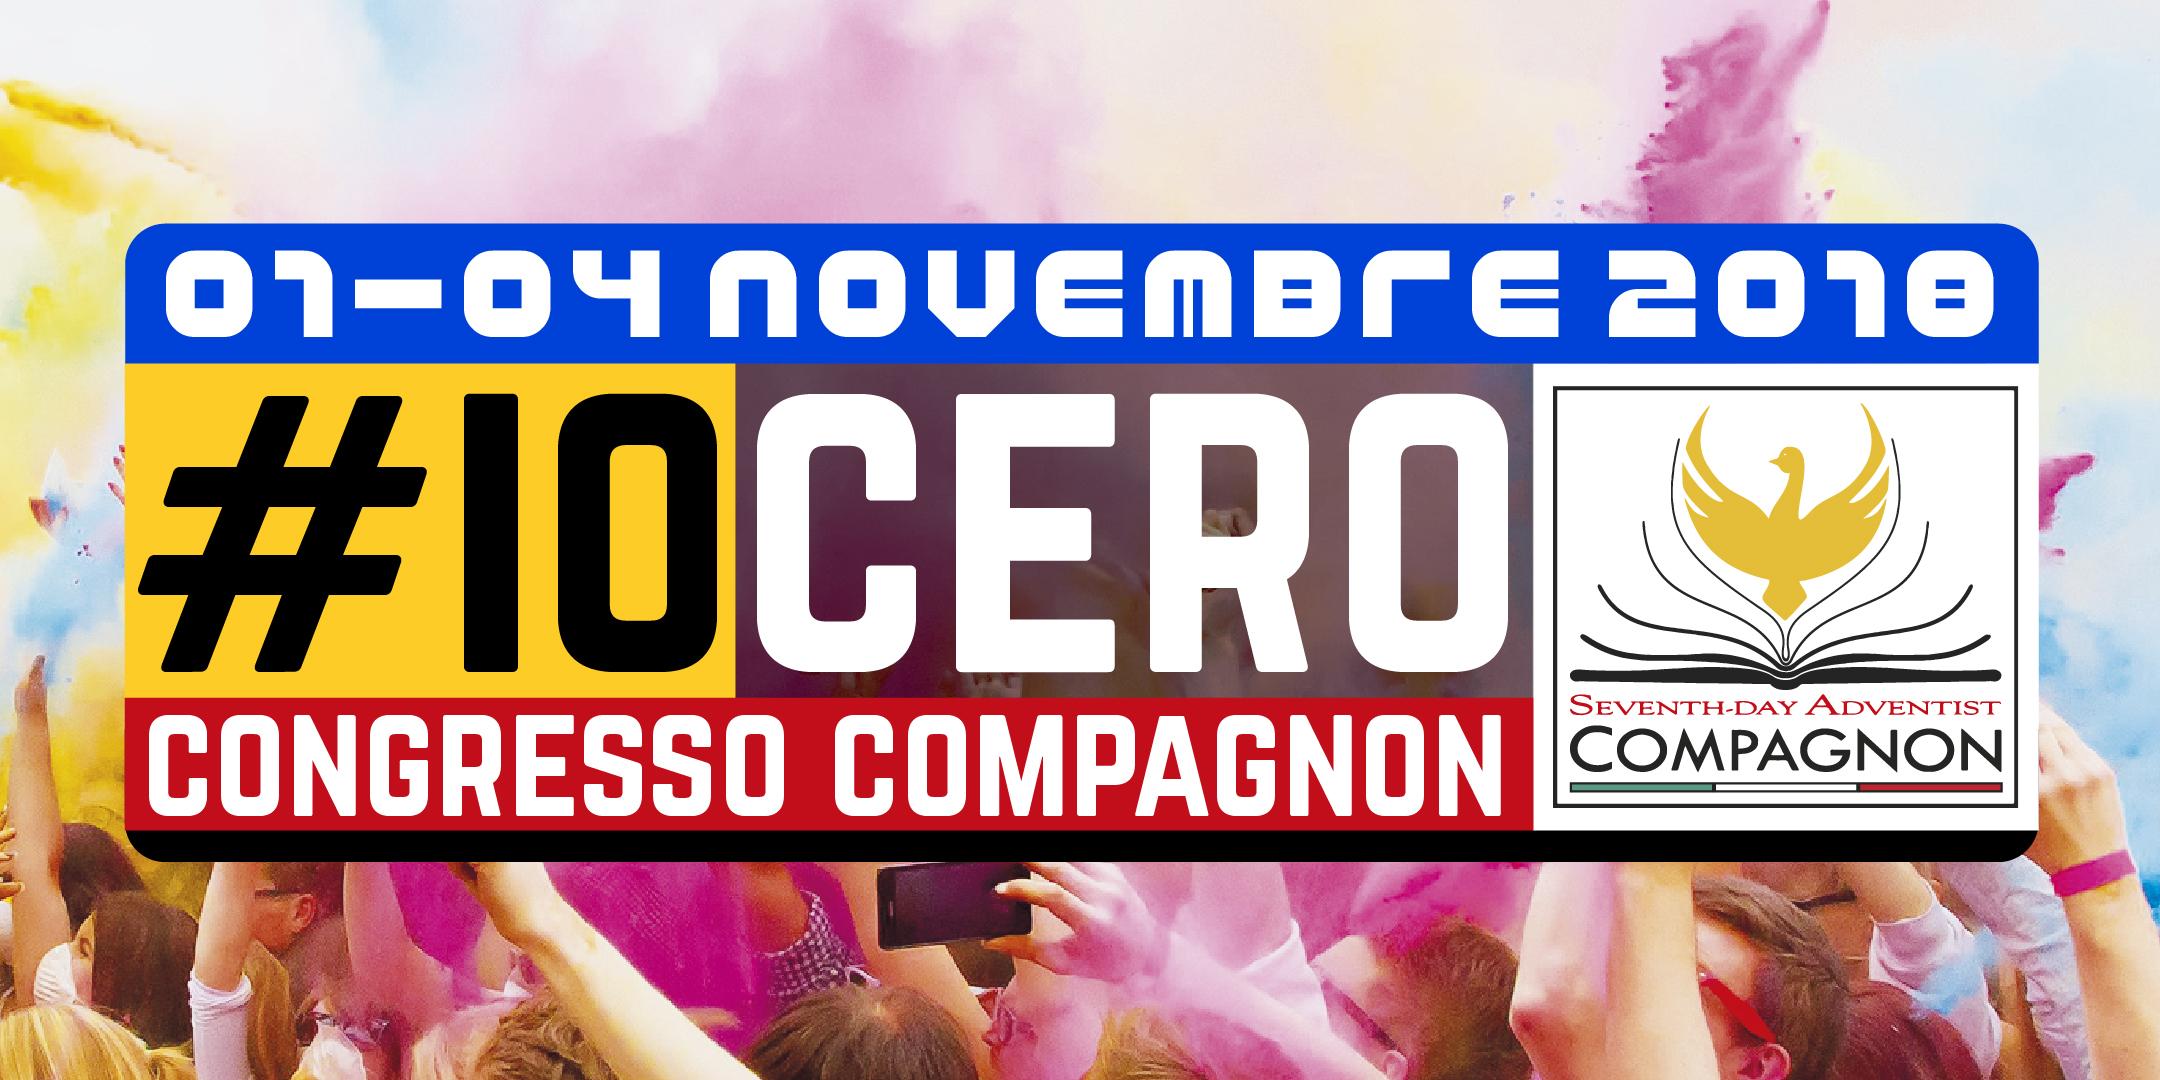 Congresso Compagnon 2018